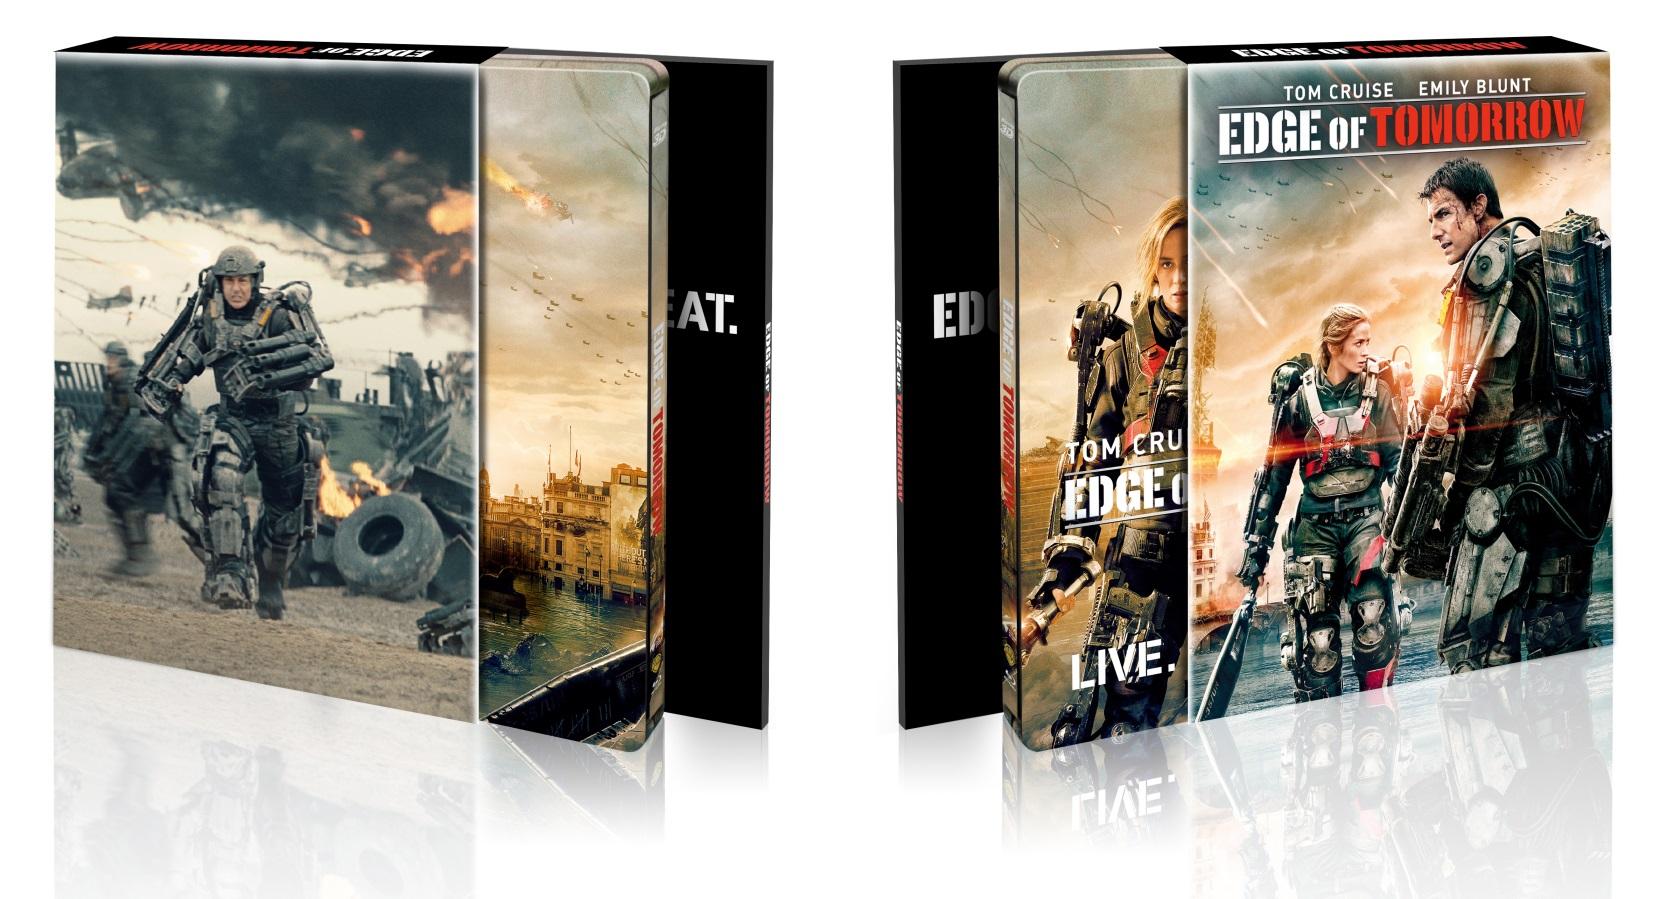 Edge of Tomorrow steelbook HDzeta3